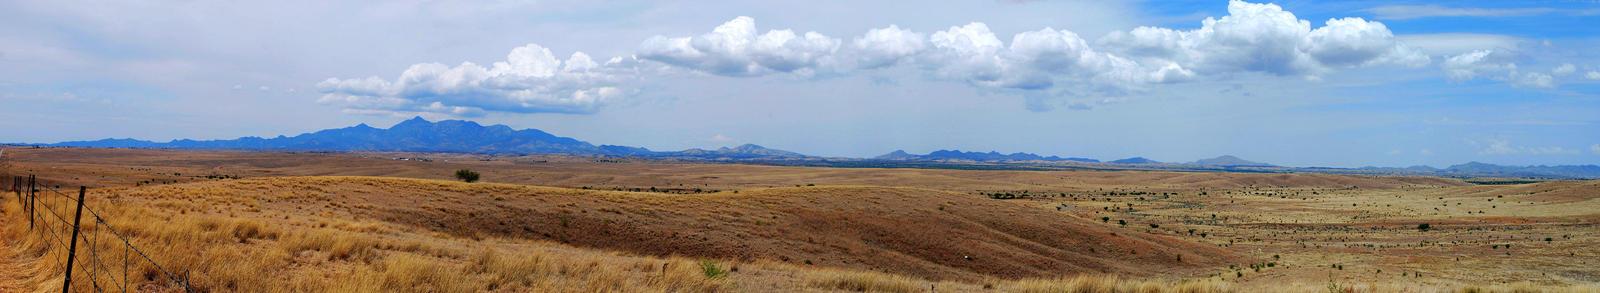 Cochise County Pano